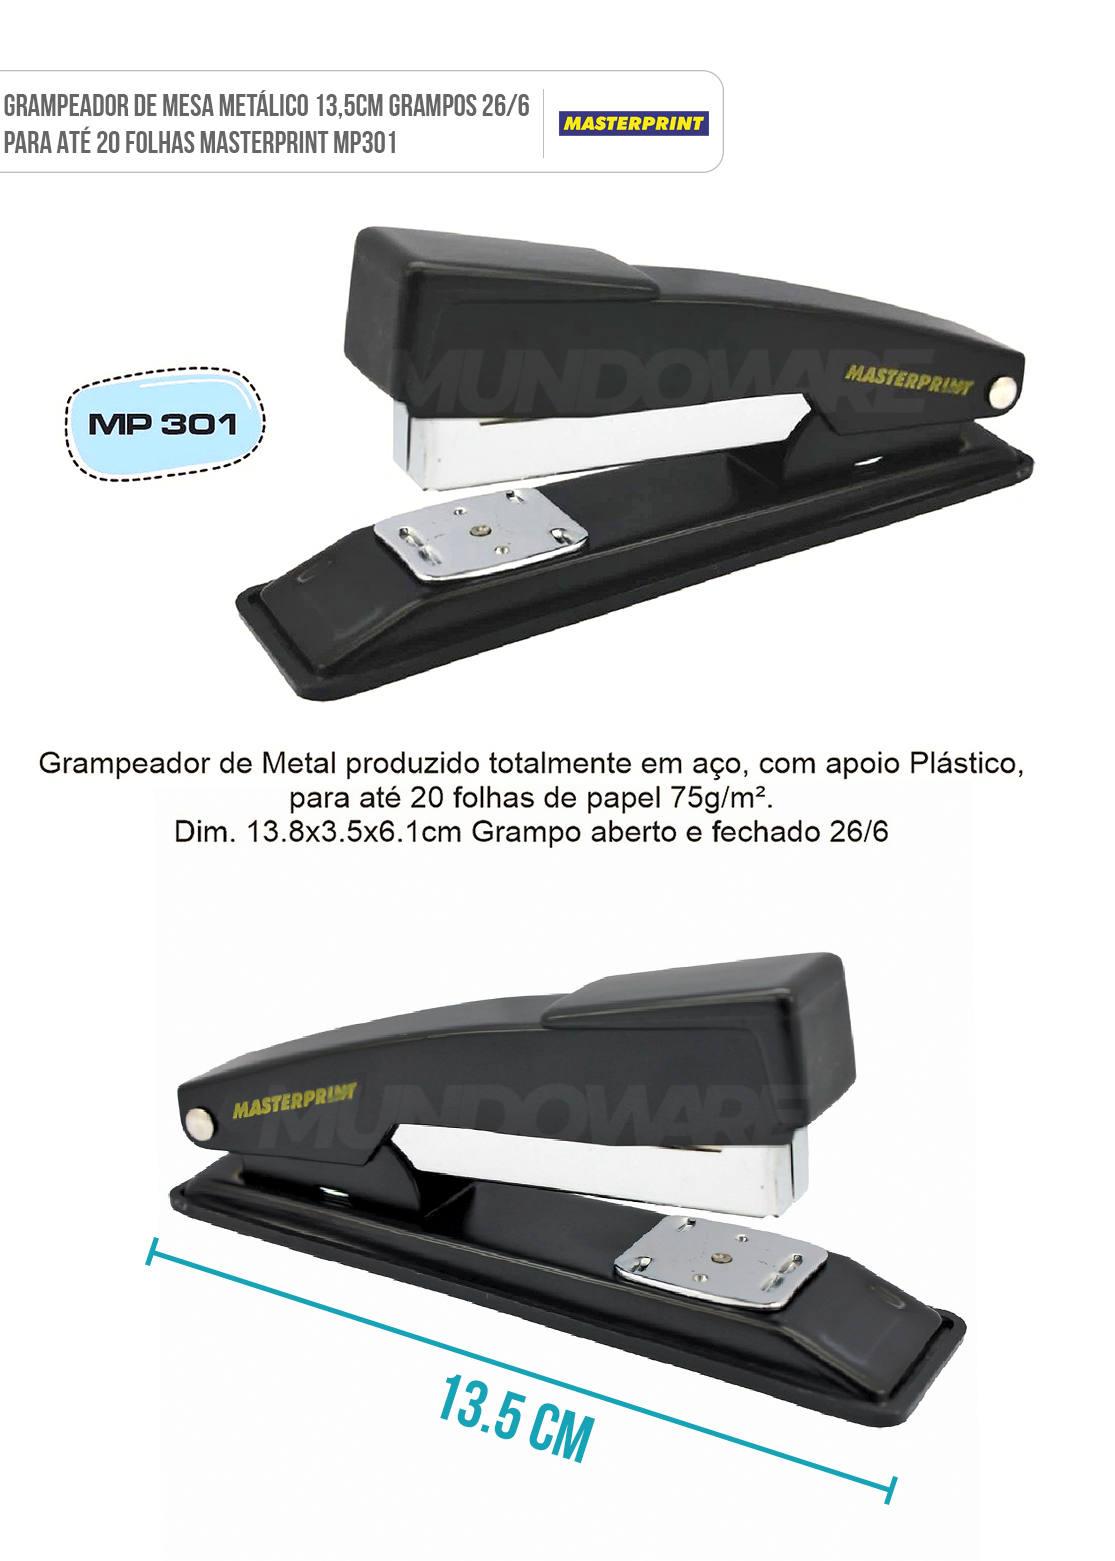 Grampeador Metálico 13,5cm Grampos 26/6 para até 20 Folhas Masterprint MP301